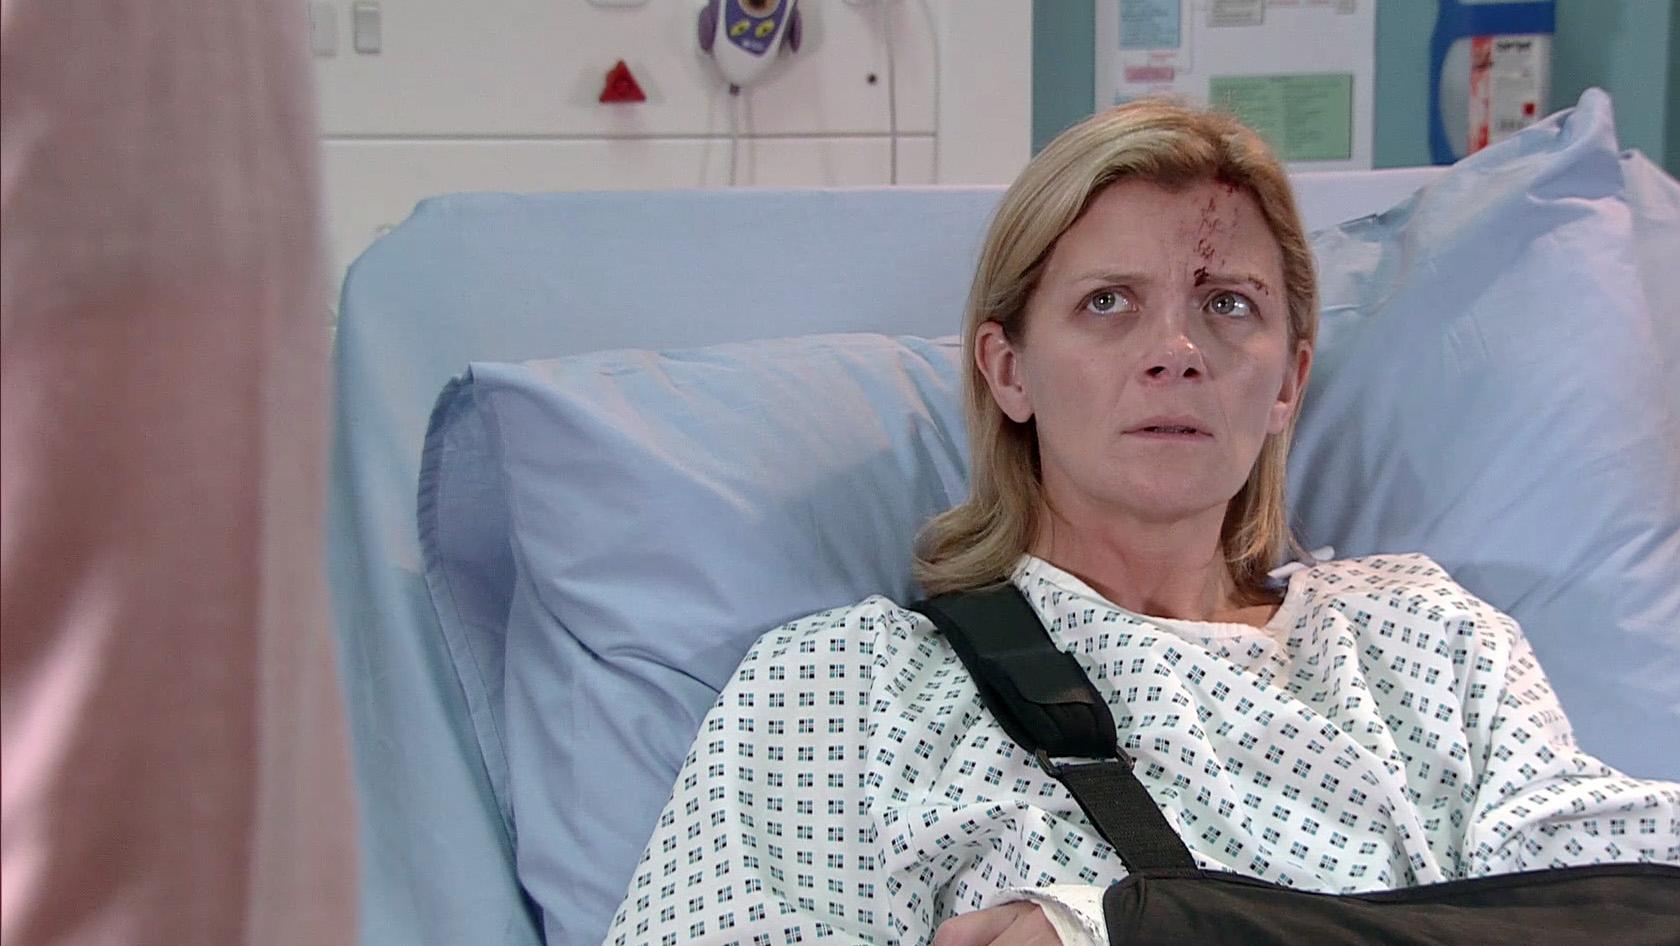 Leanne is in hospital in Coronation Street